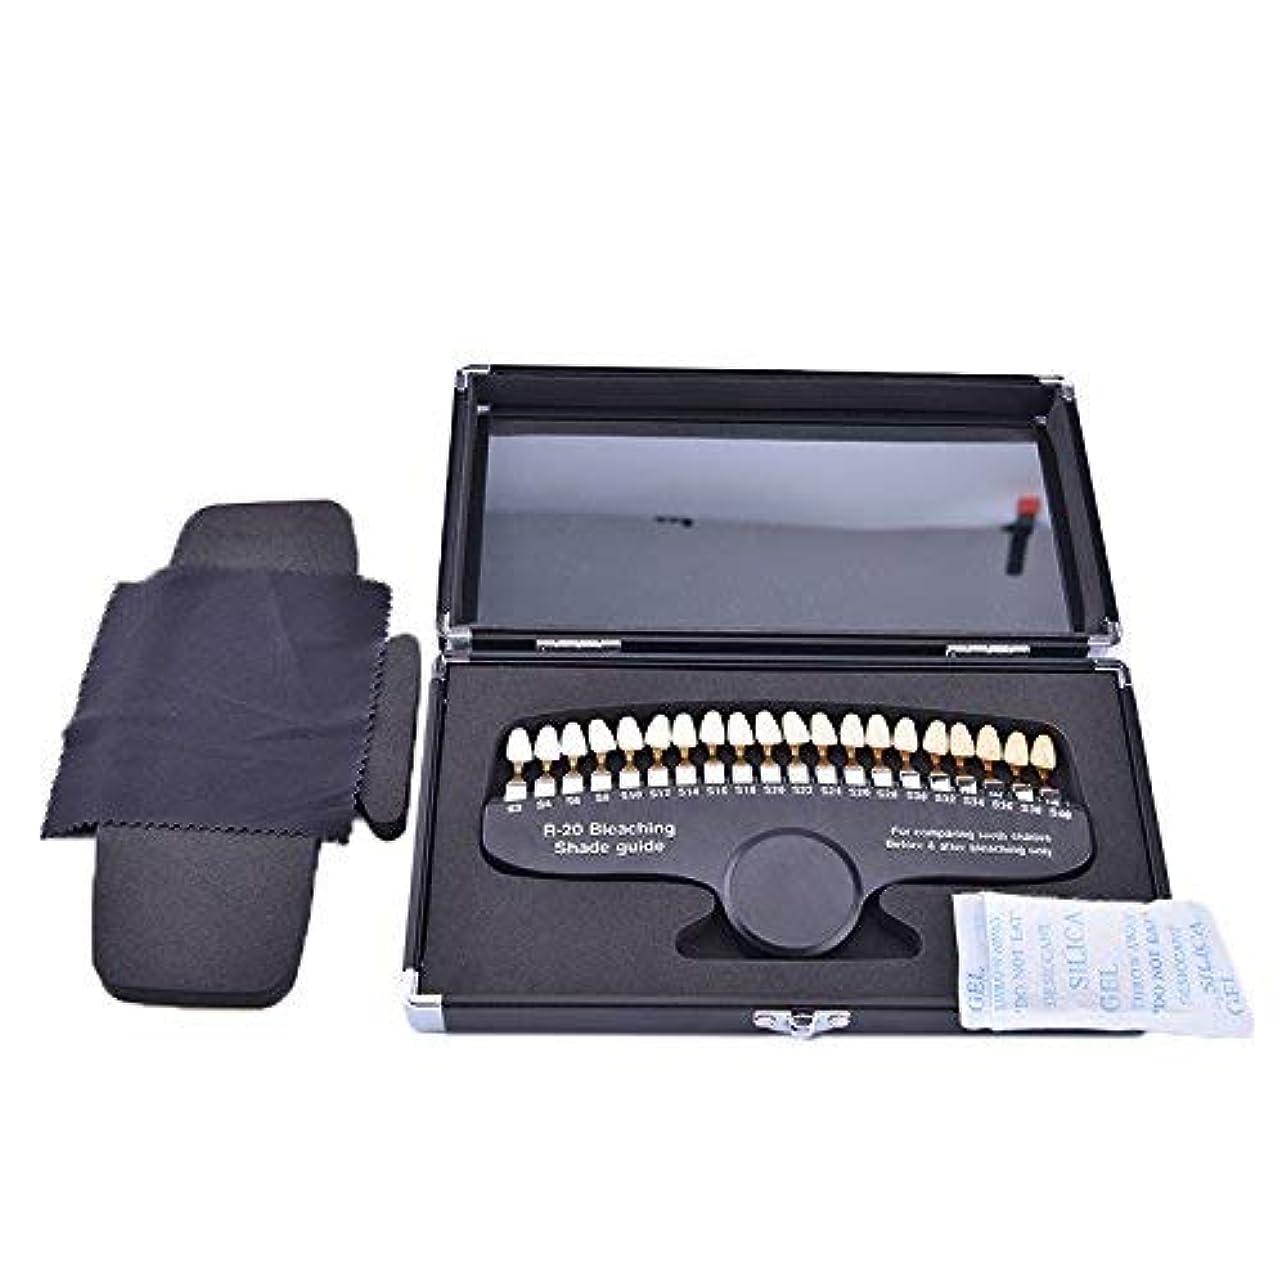 電化する検索エンジン最適化の中でデンタル ホワイトニング シェード ガイドー 20色デンタル専用抜ける歯列模型ボード 鏡付き